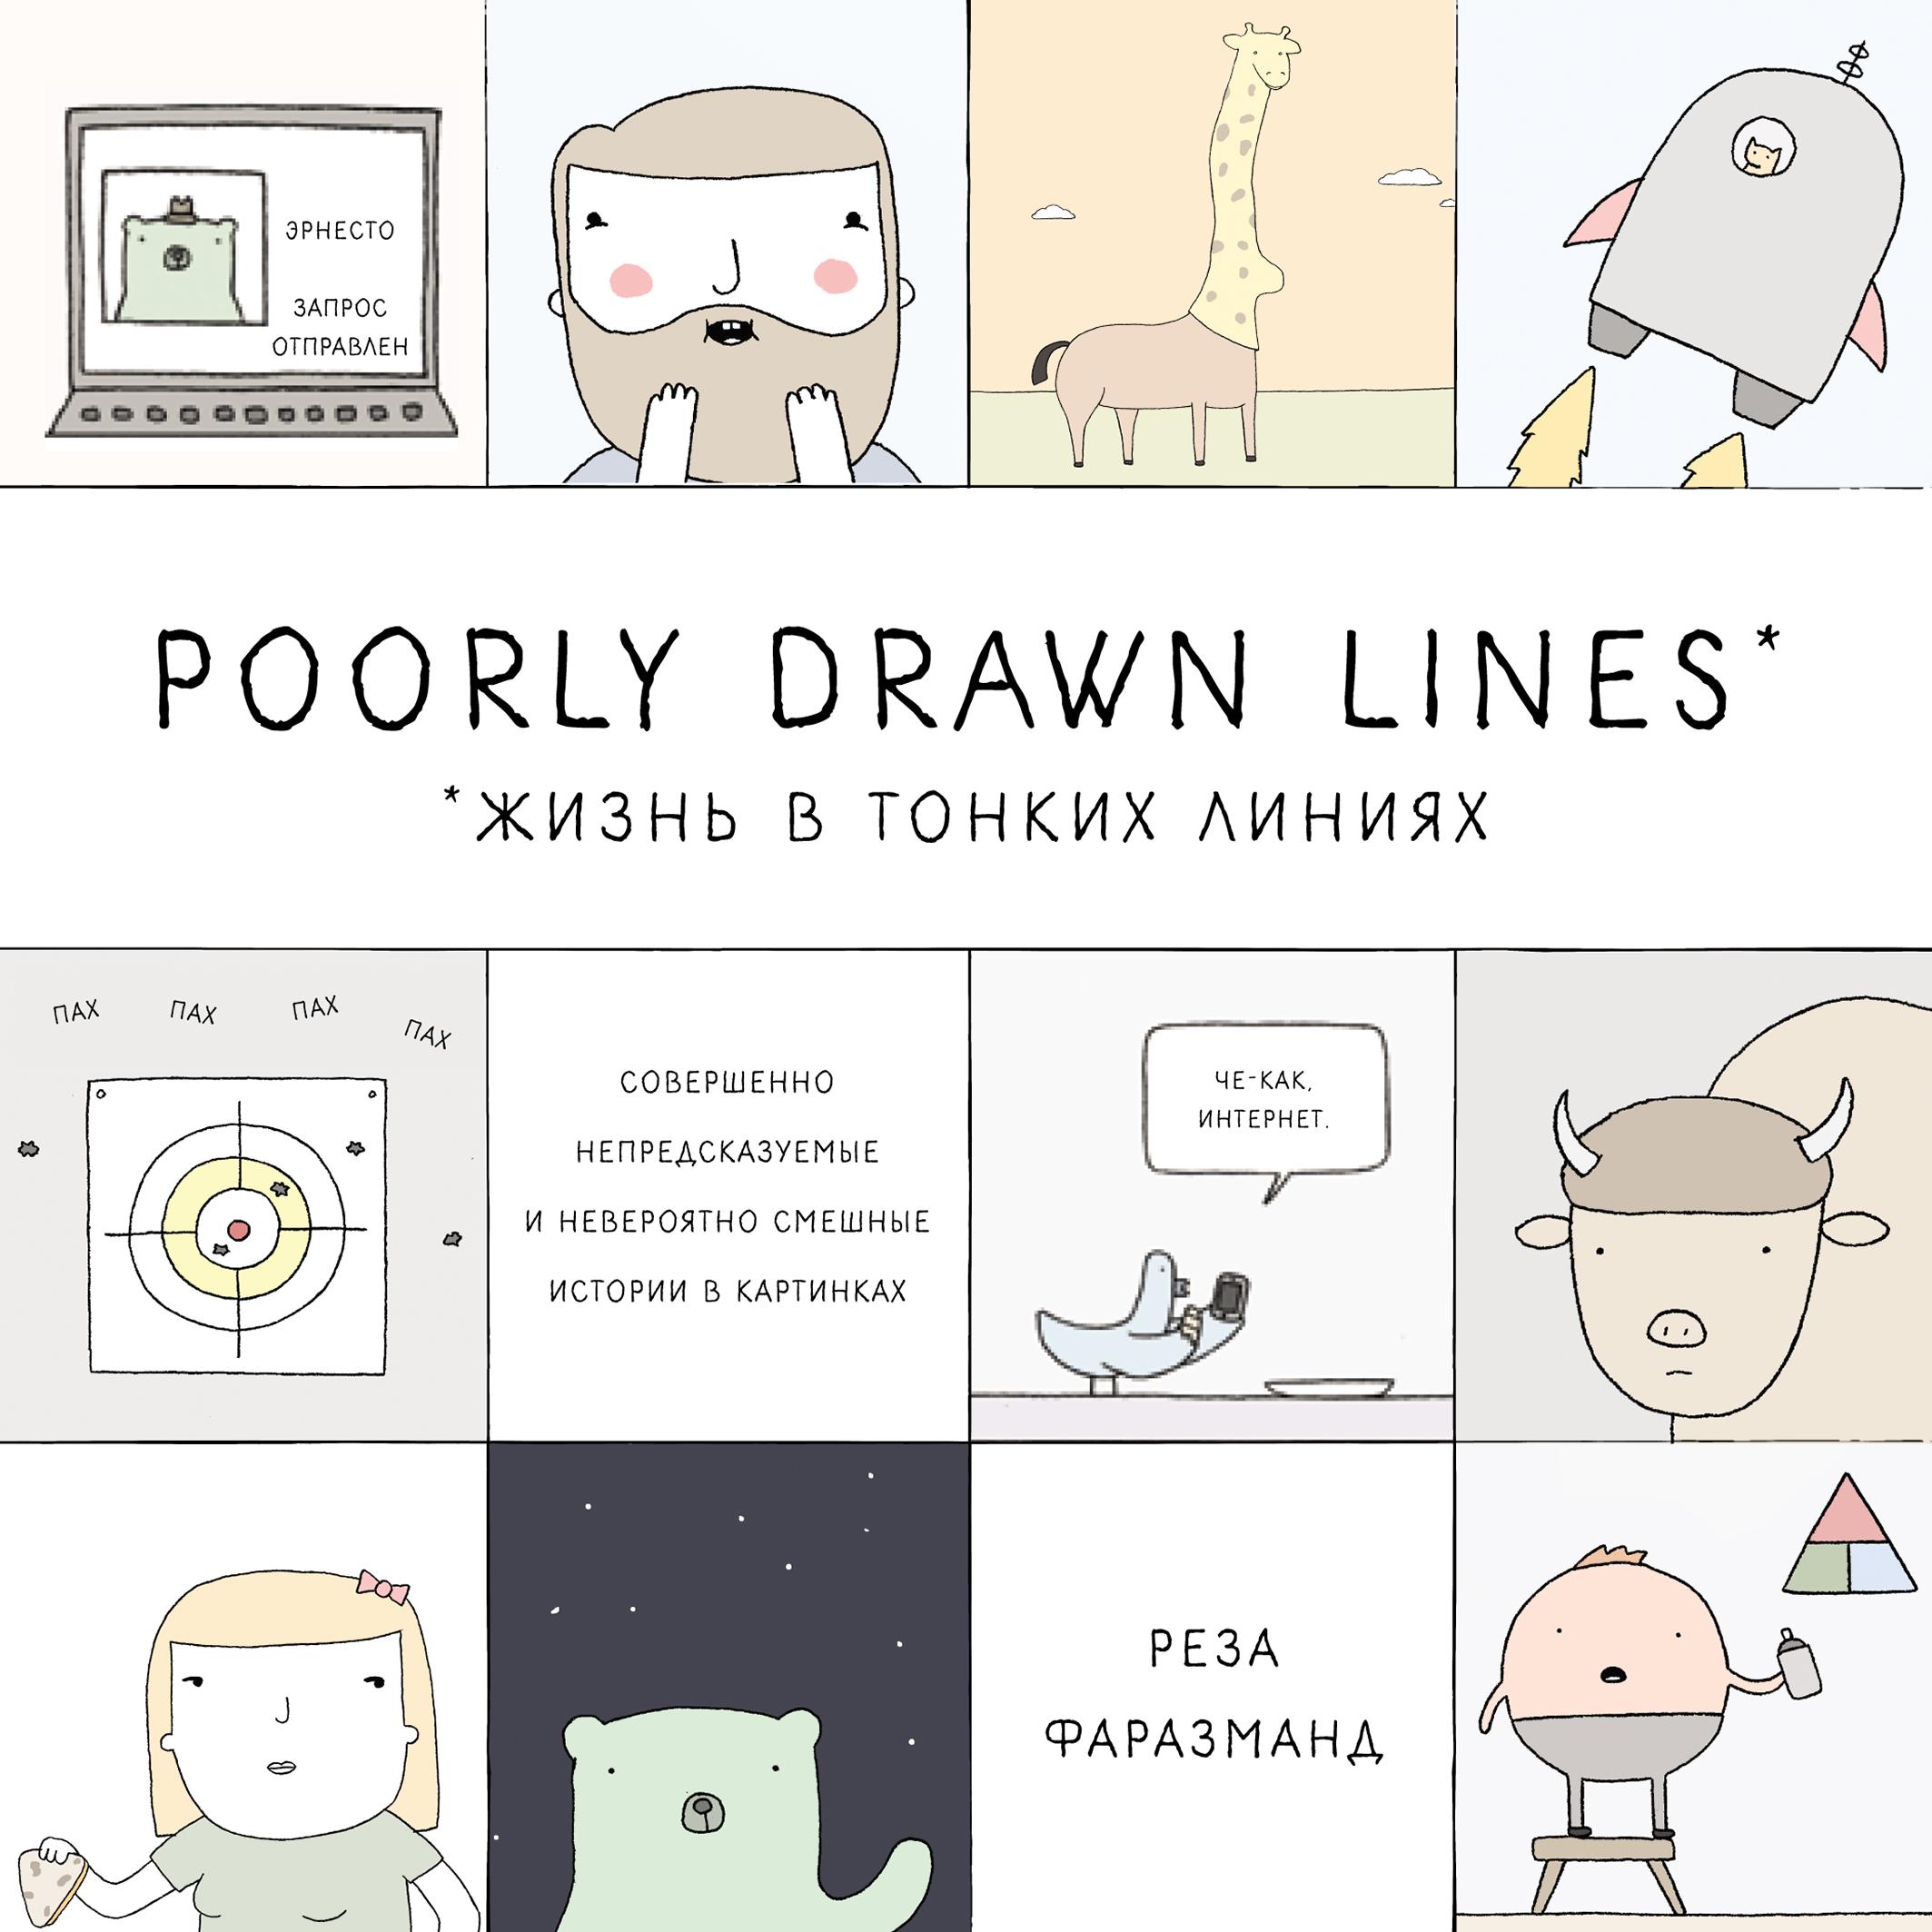 лучшая цена Реза Фаразманд Poorly Drawn Lines. Жизнь в тонких линиях. Совершенно непредсказуемые и невероятно смешные истории в картинках